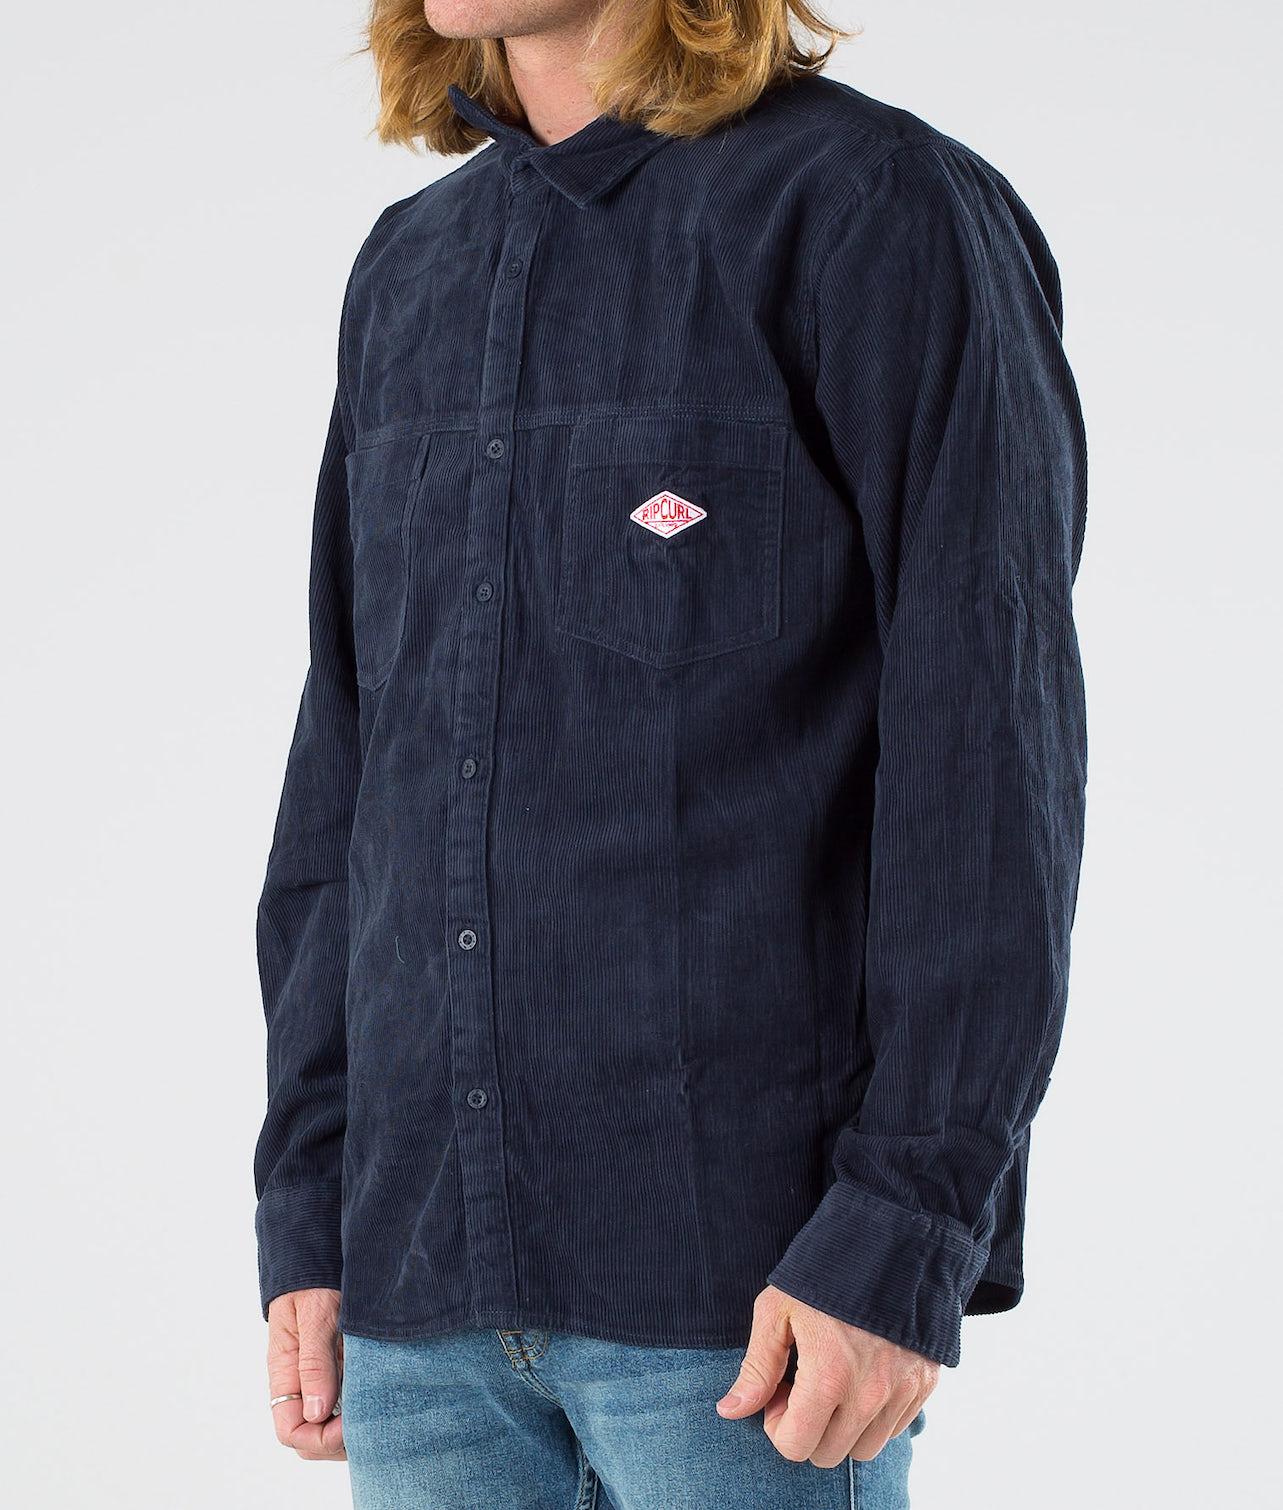 Kjøp Rhomb L/S Skjorte fra Rip Curl på Ridestore.no - Hos oss har du alltid fri frakt, fri retur og 30 dagers åpent kjøp!